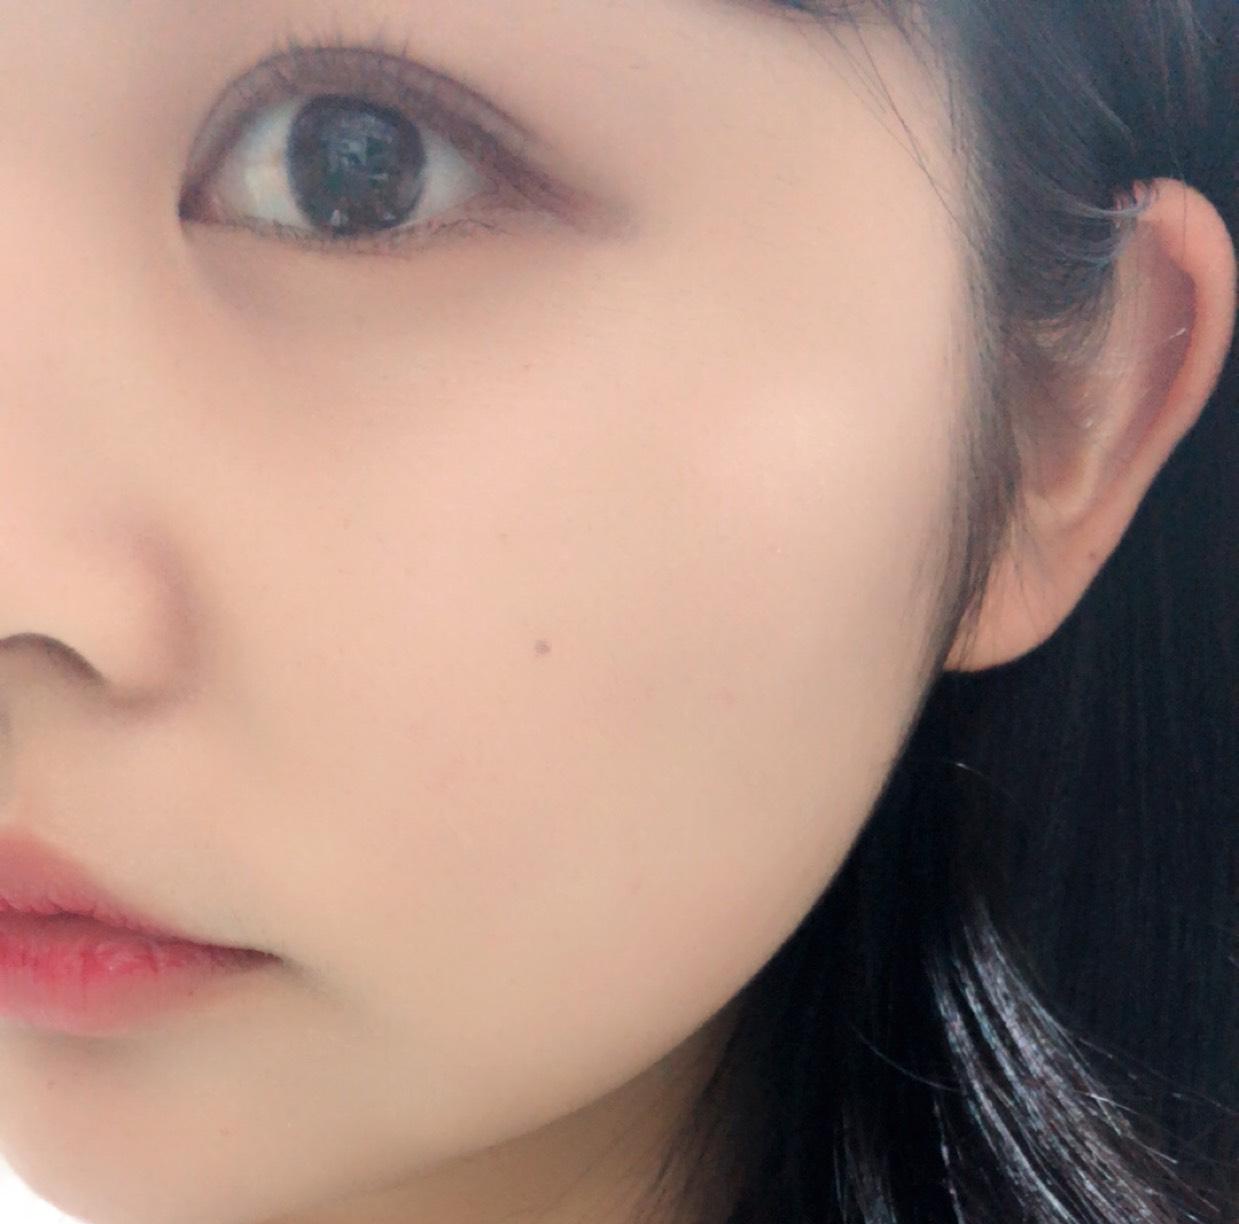 【韓国♡話題沸騰】ハートチーク !周りと差をつける♡のBefore画像